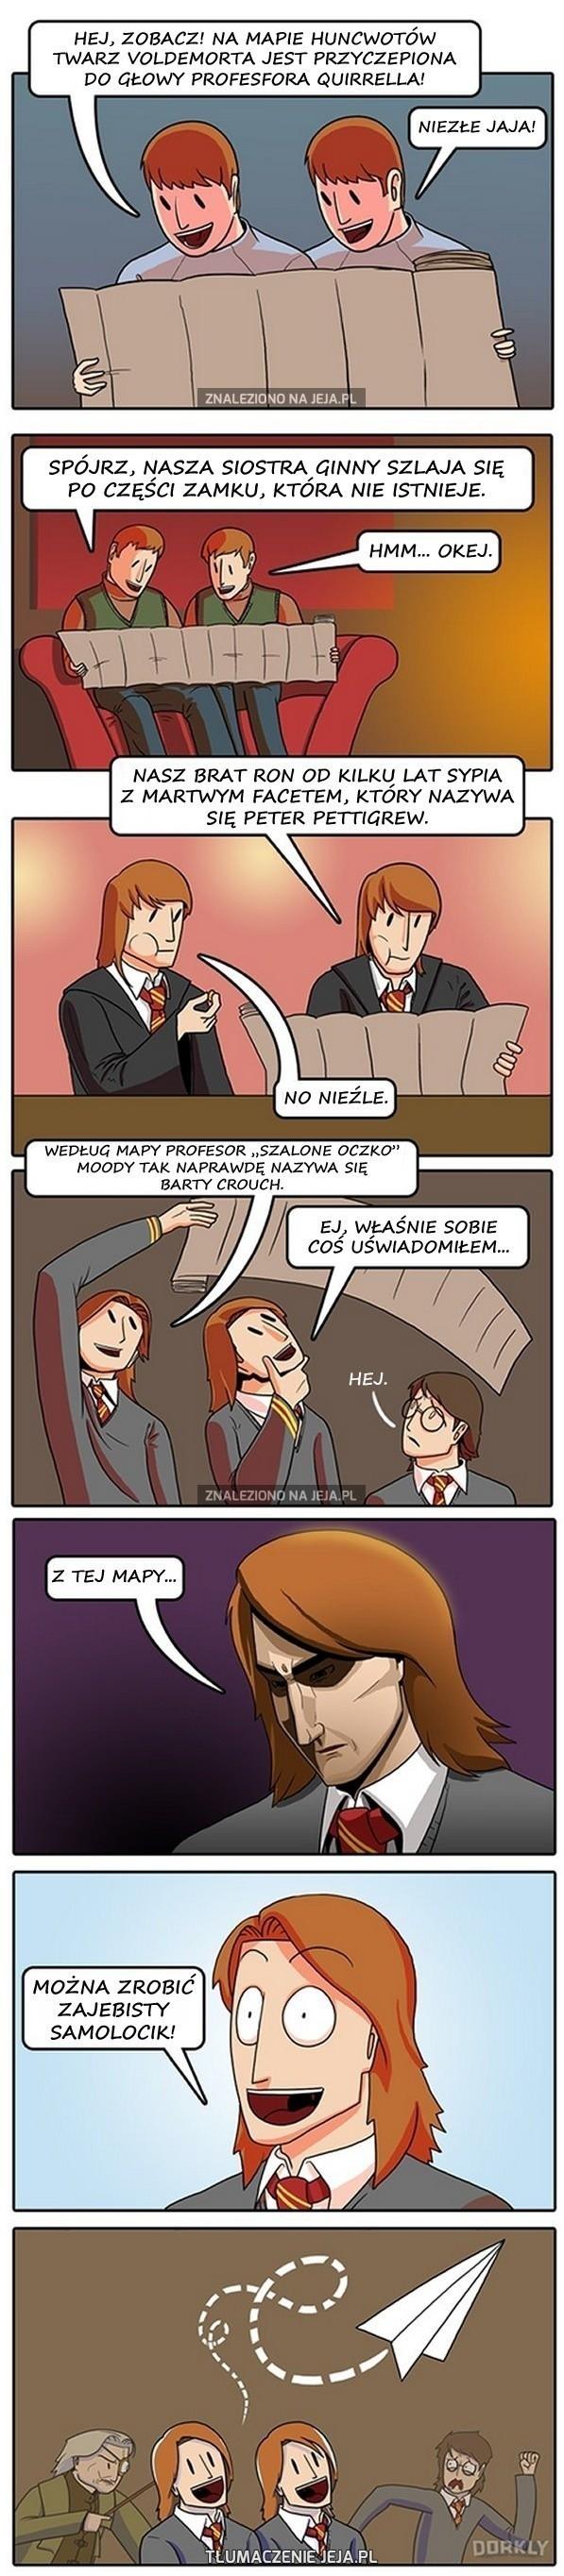 Śmieszne rzeczy z Internetów! - Page 3 210